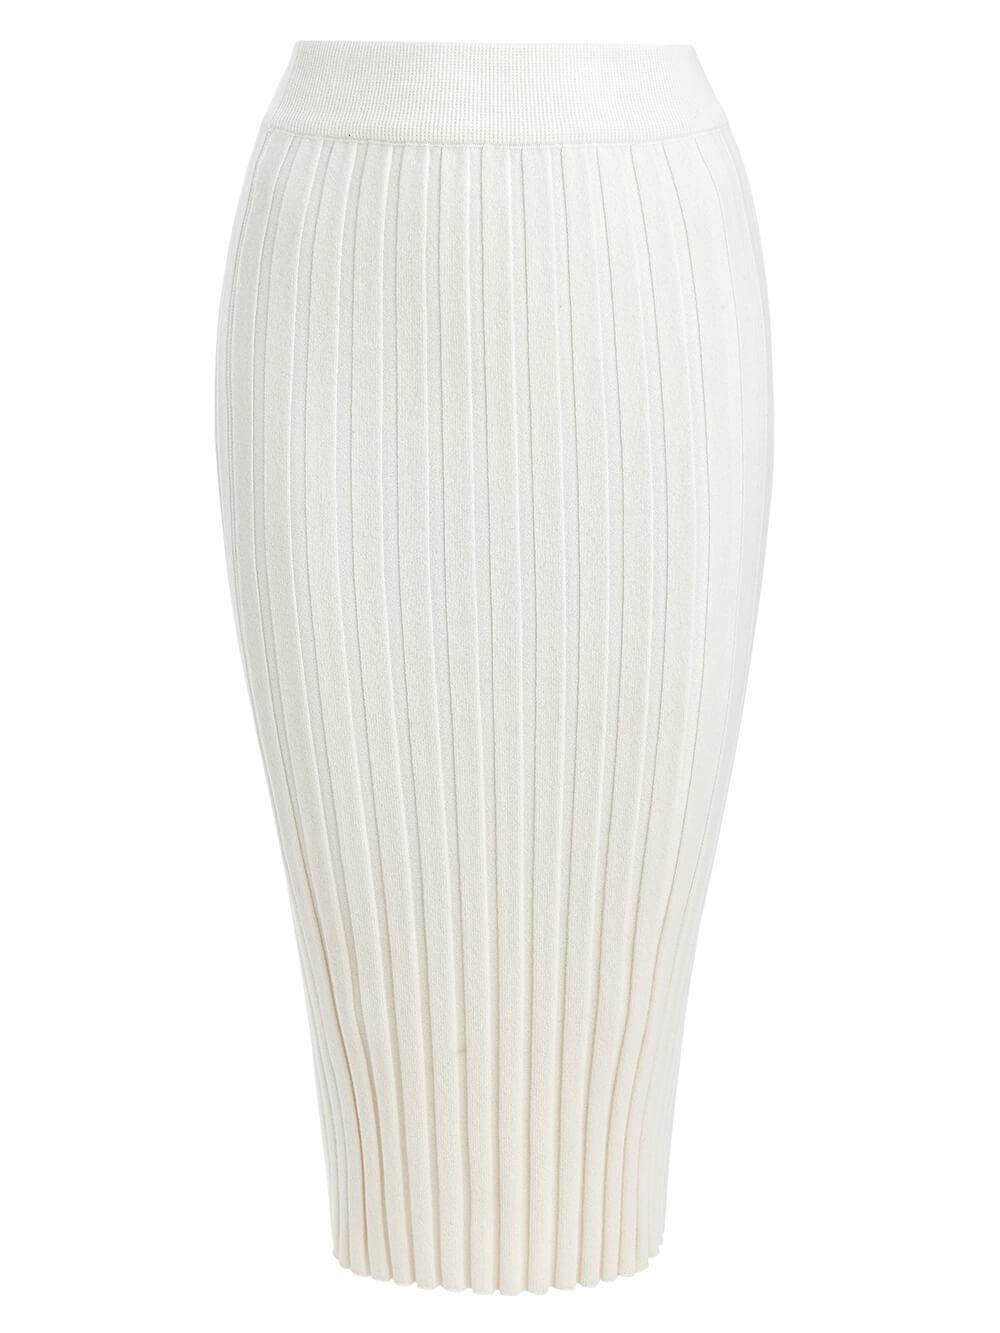 Женская юбка молочного цвета из 100% кашемира - фото 1